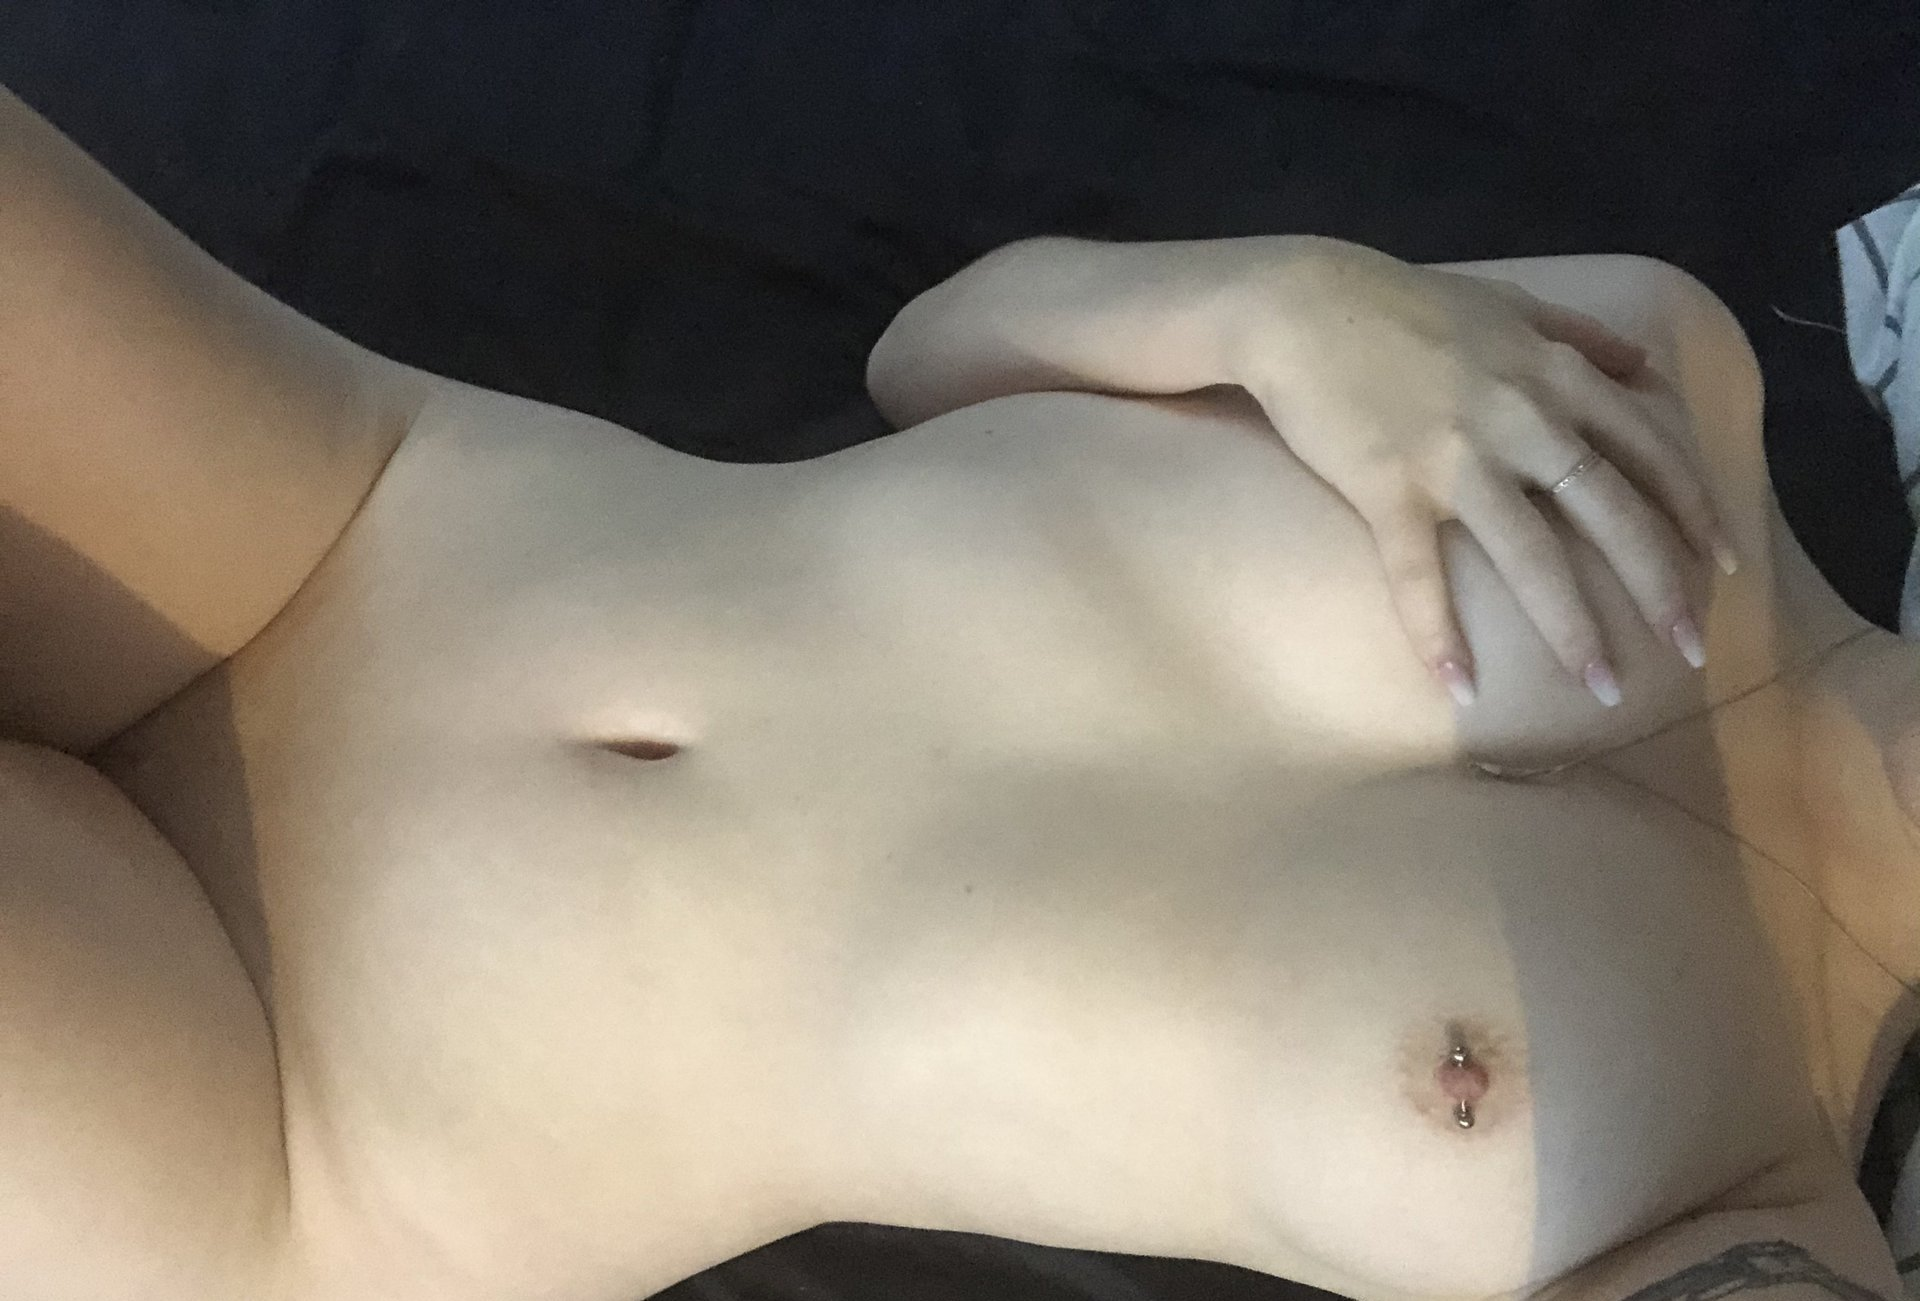 Net Hoe Net Hoe Onlyfans Nude Leaks 0026